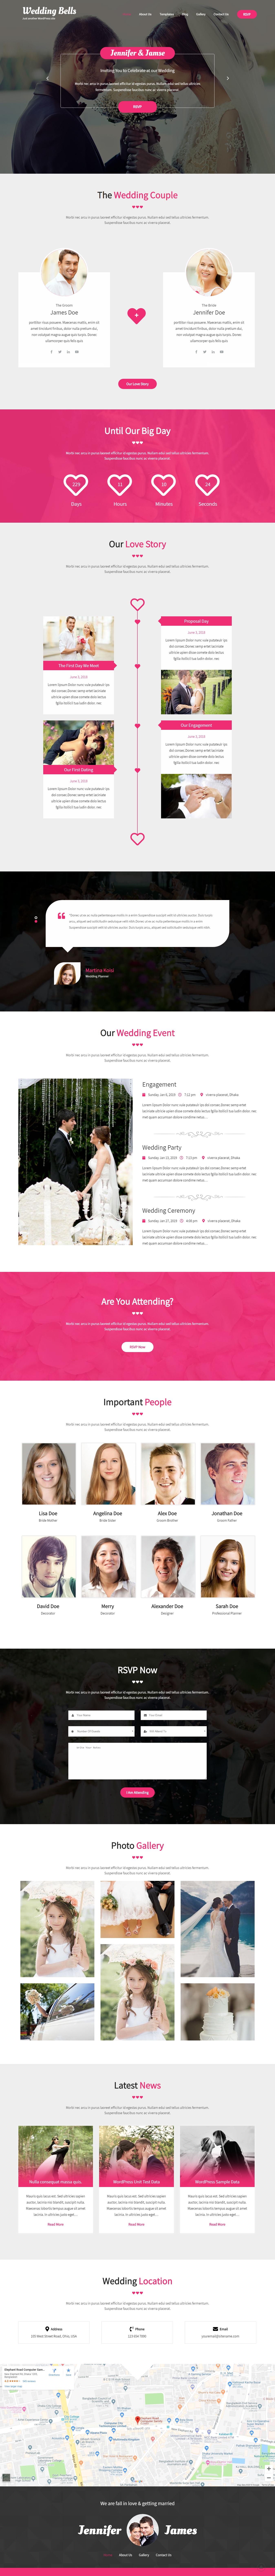 Wedding Bells - El mejor tema gratuito de WordPress para bodas